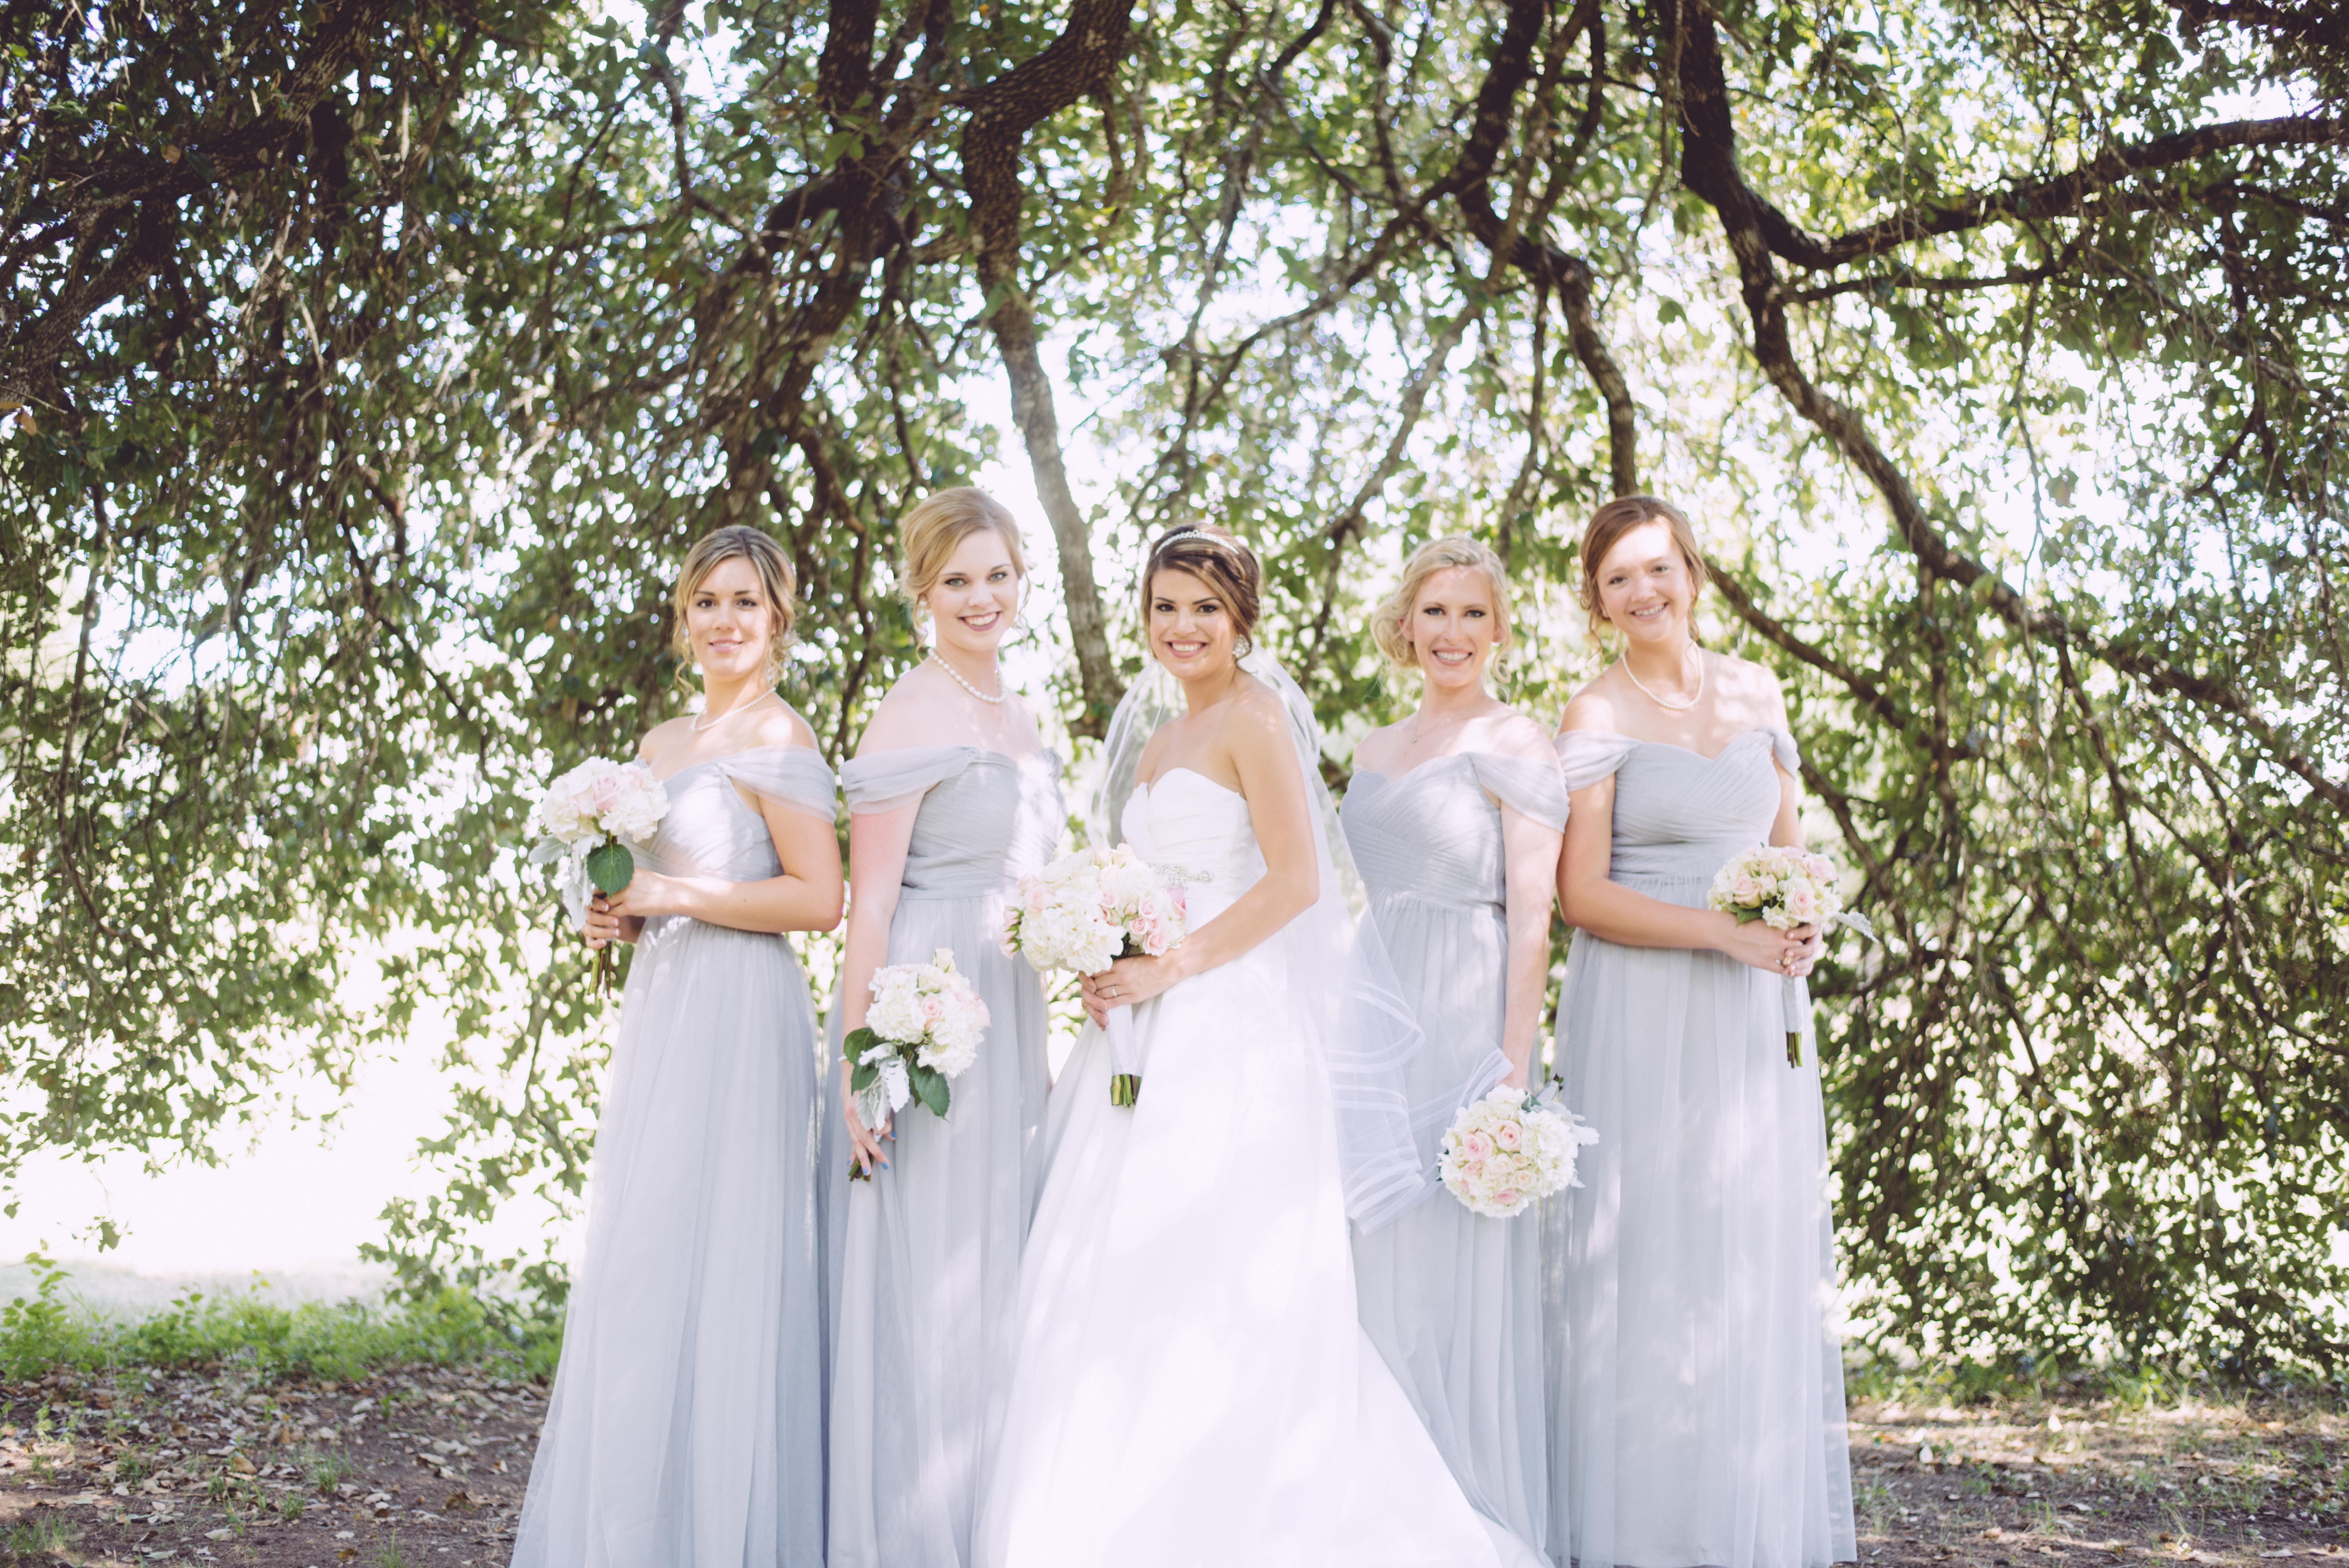 acwedding-14133141acwedding